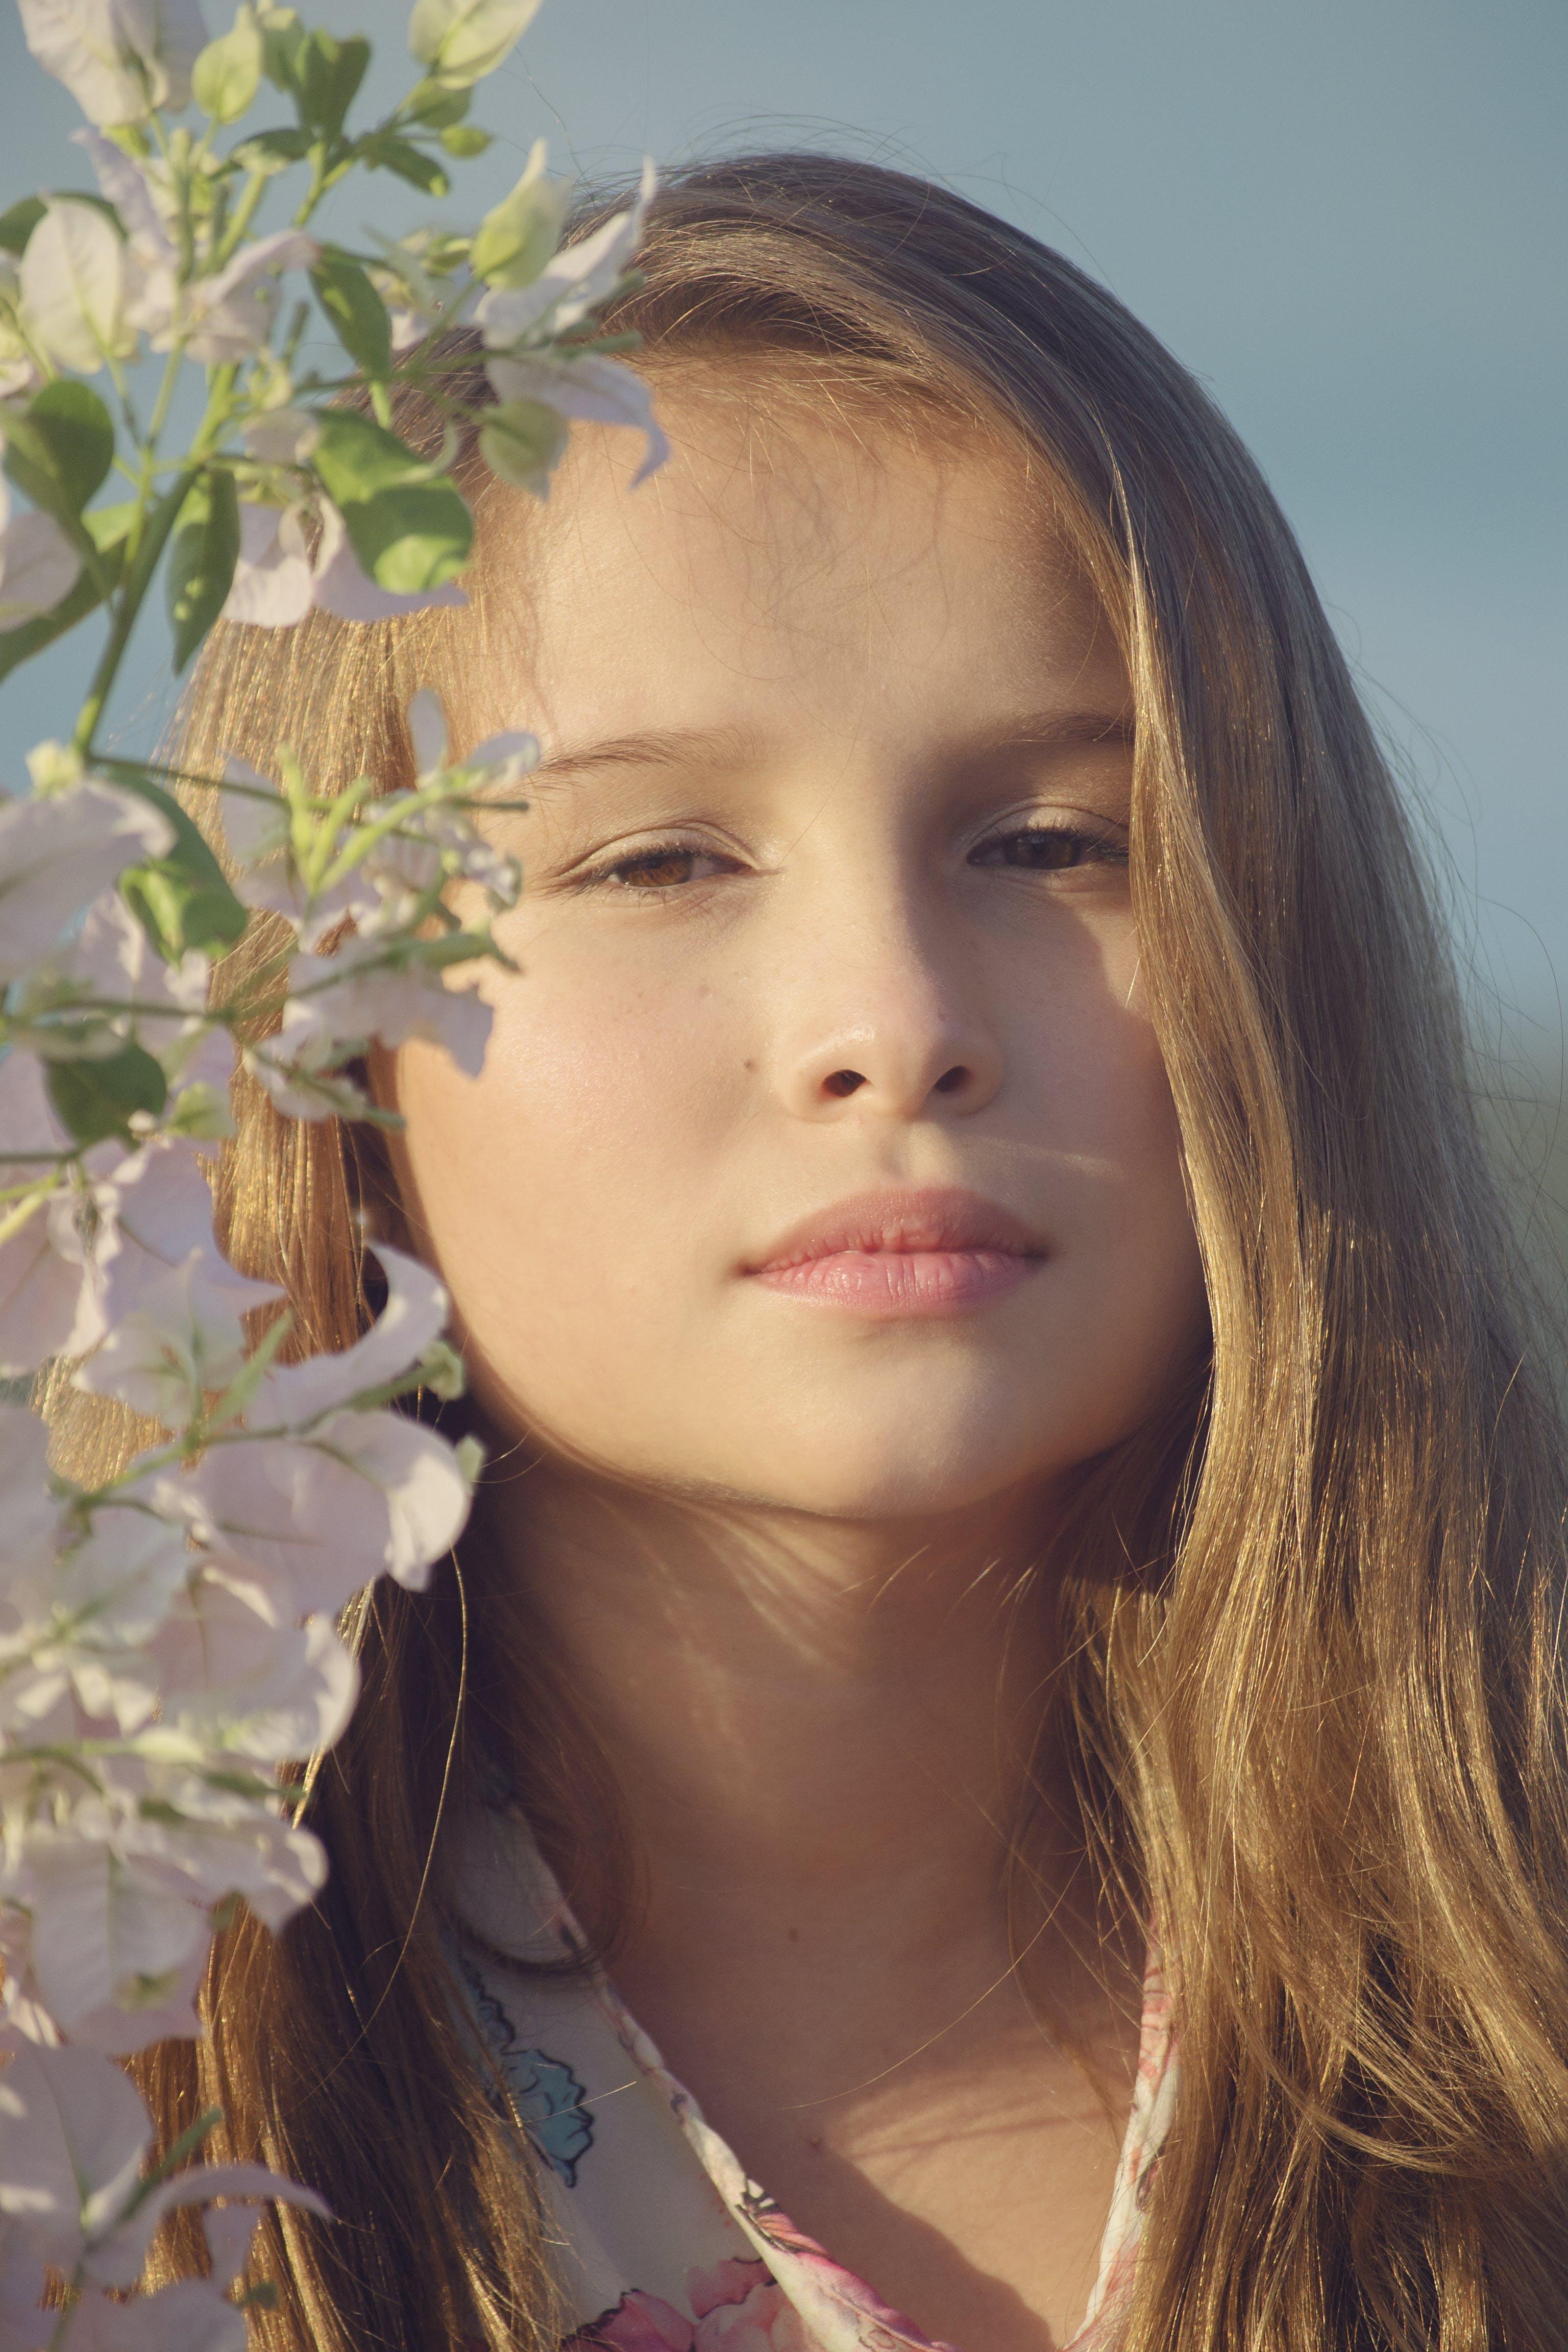 Woman Beside White-Petaled Flowers